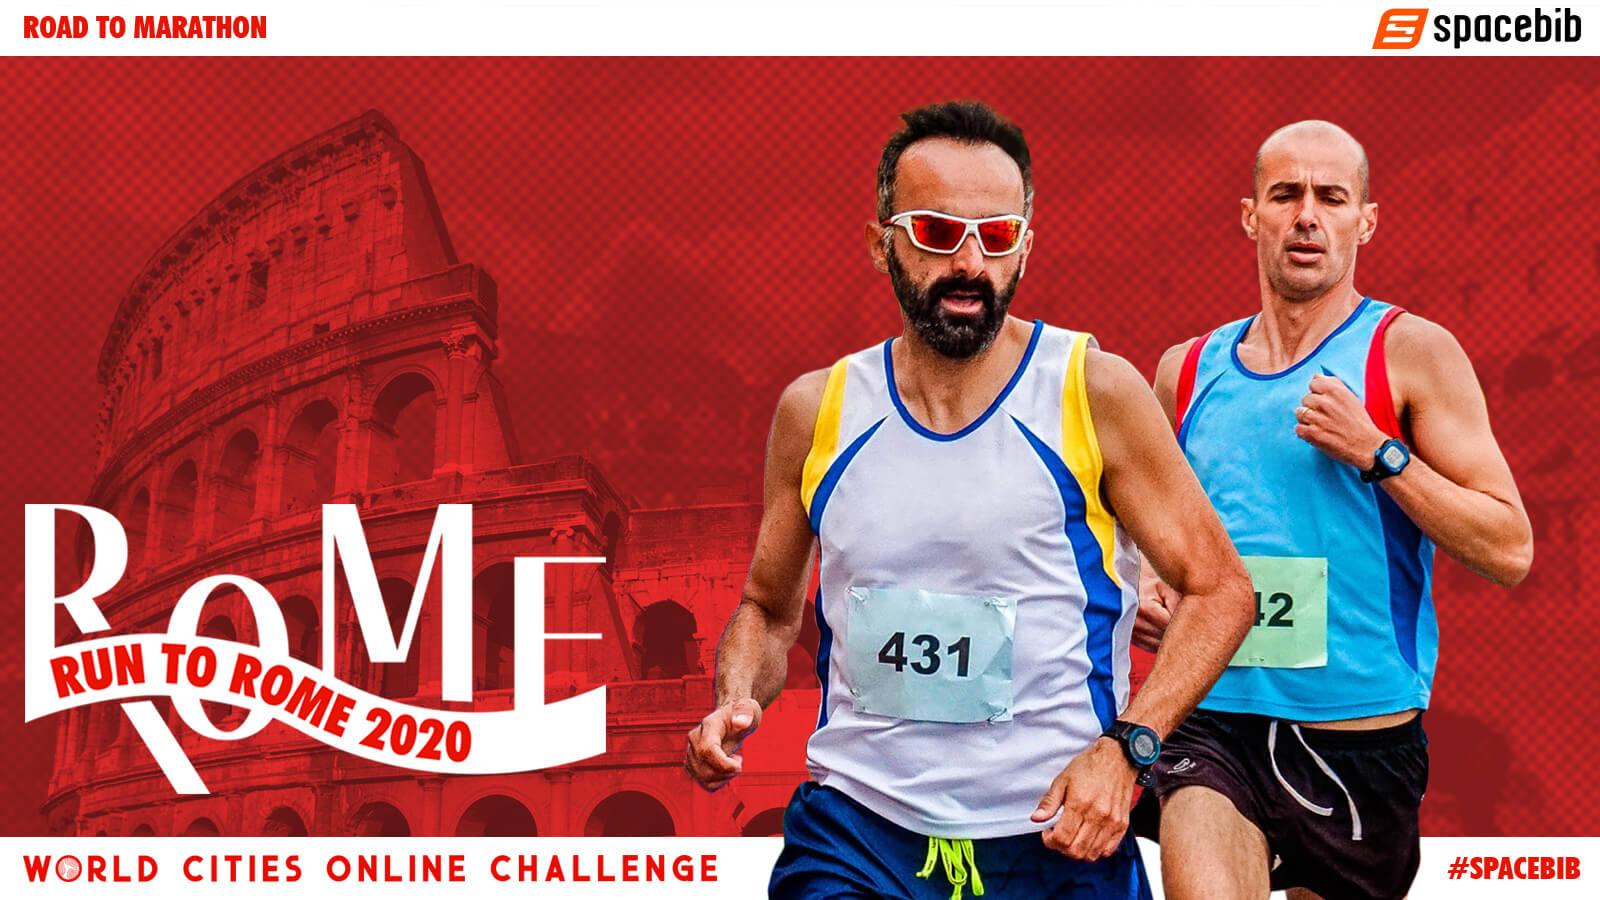 Run to Rome 2020